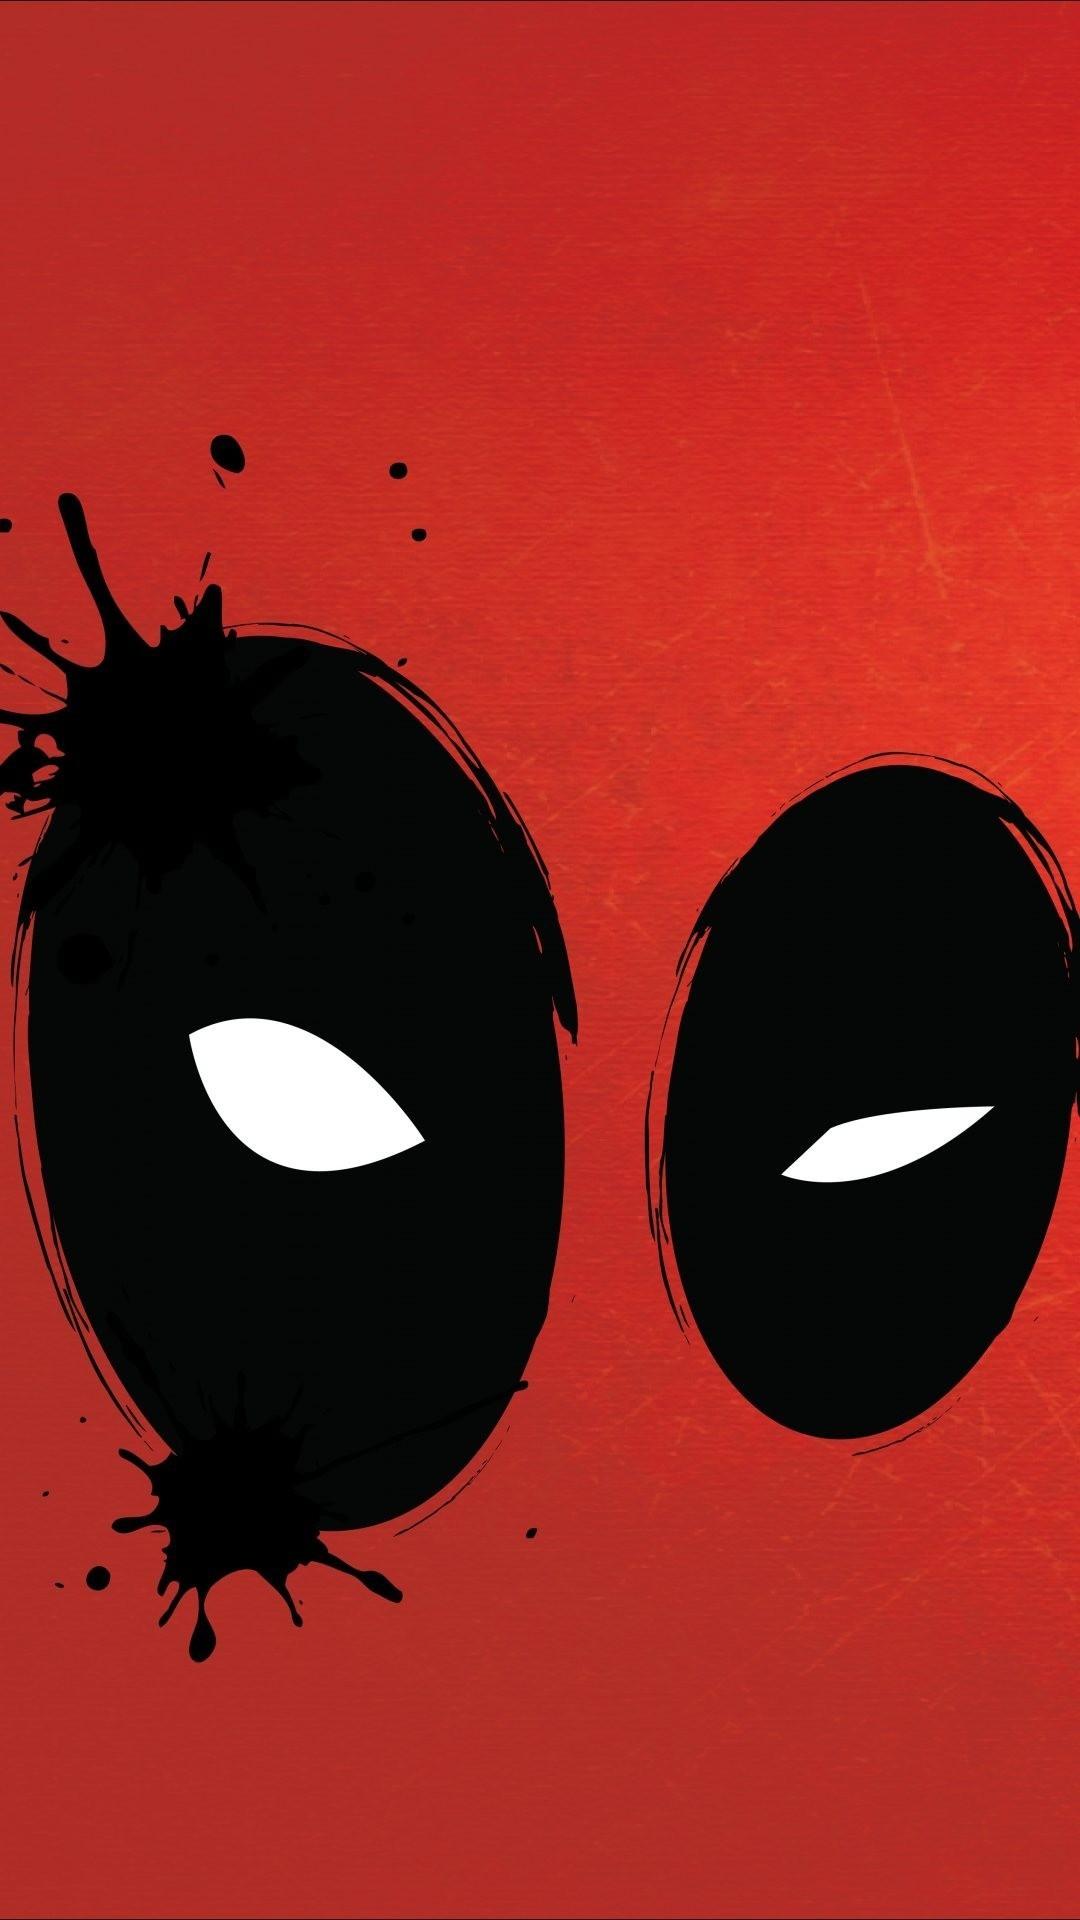 The 25+ best Deadpool hd wallpaper ideas on Pinterest | Free deadpool  comics, Batman joker wallpaper and Batman artwork